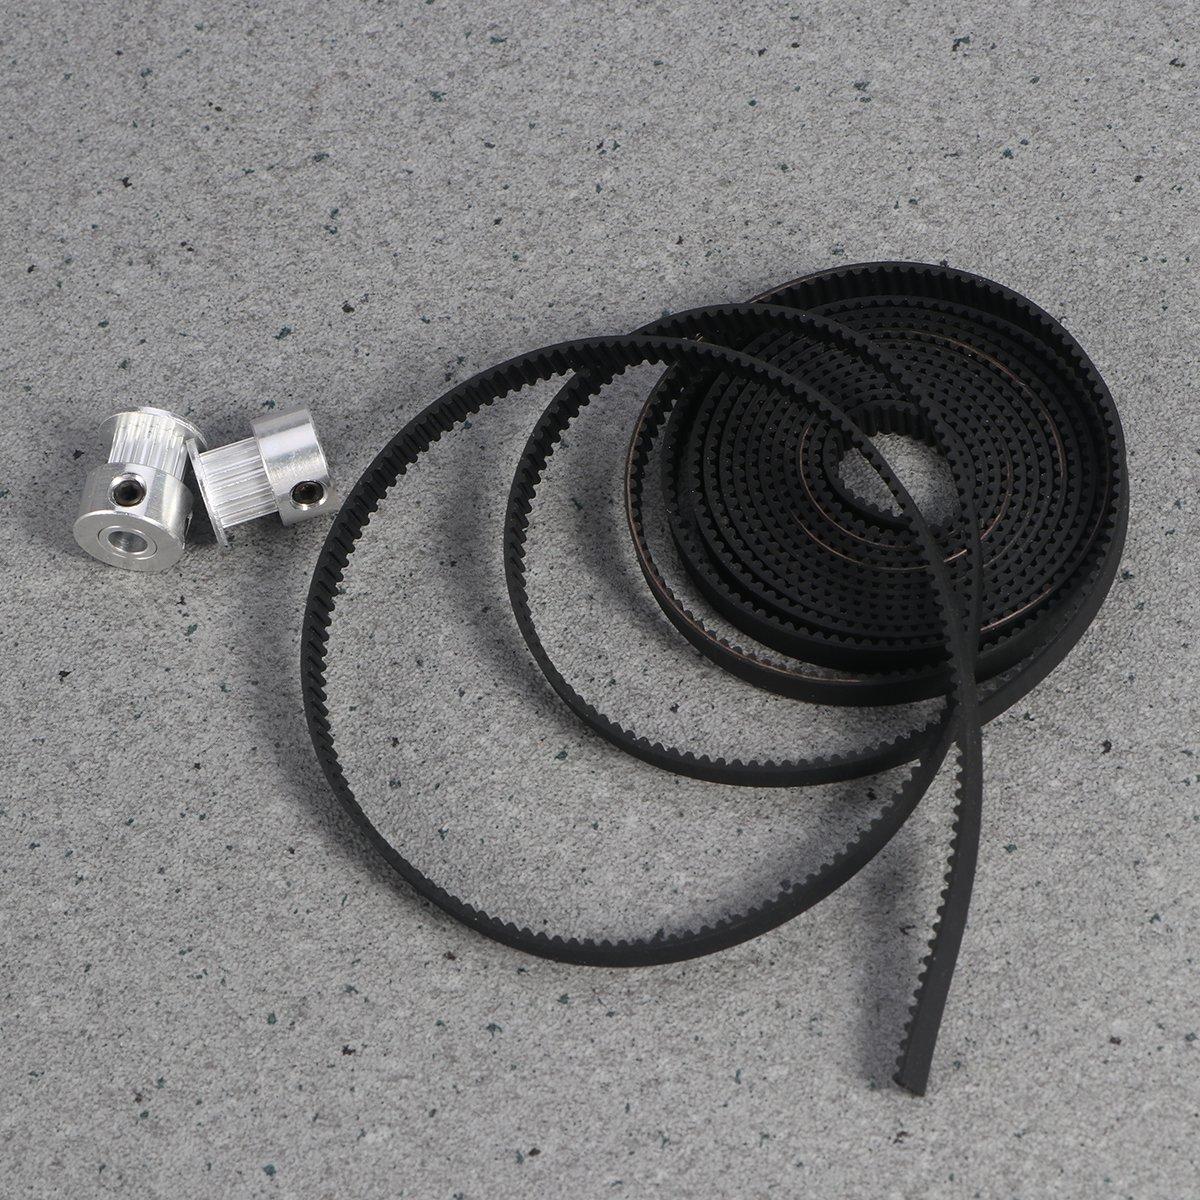 OUNONA Cinghia Dentata Cinghia Distribuzione 2mx6mm e 2 Pezzi Pulegge Dentate Alluminio 16T 5mm per RepRap Stampante 3D Prusa i3